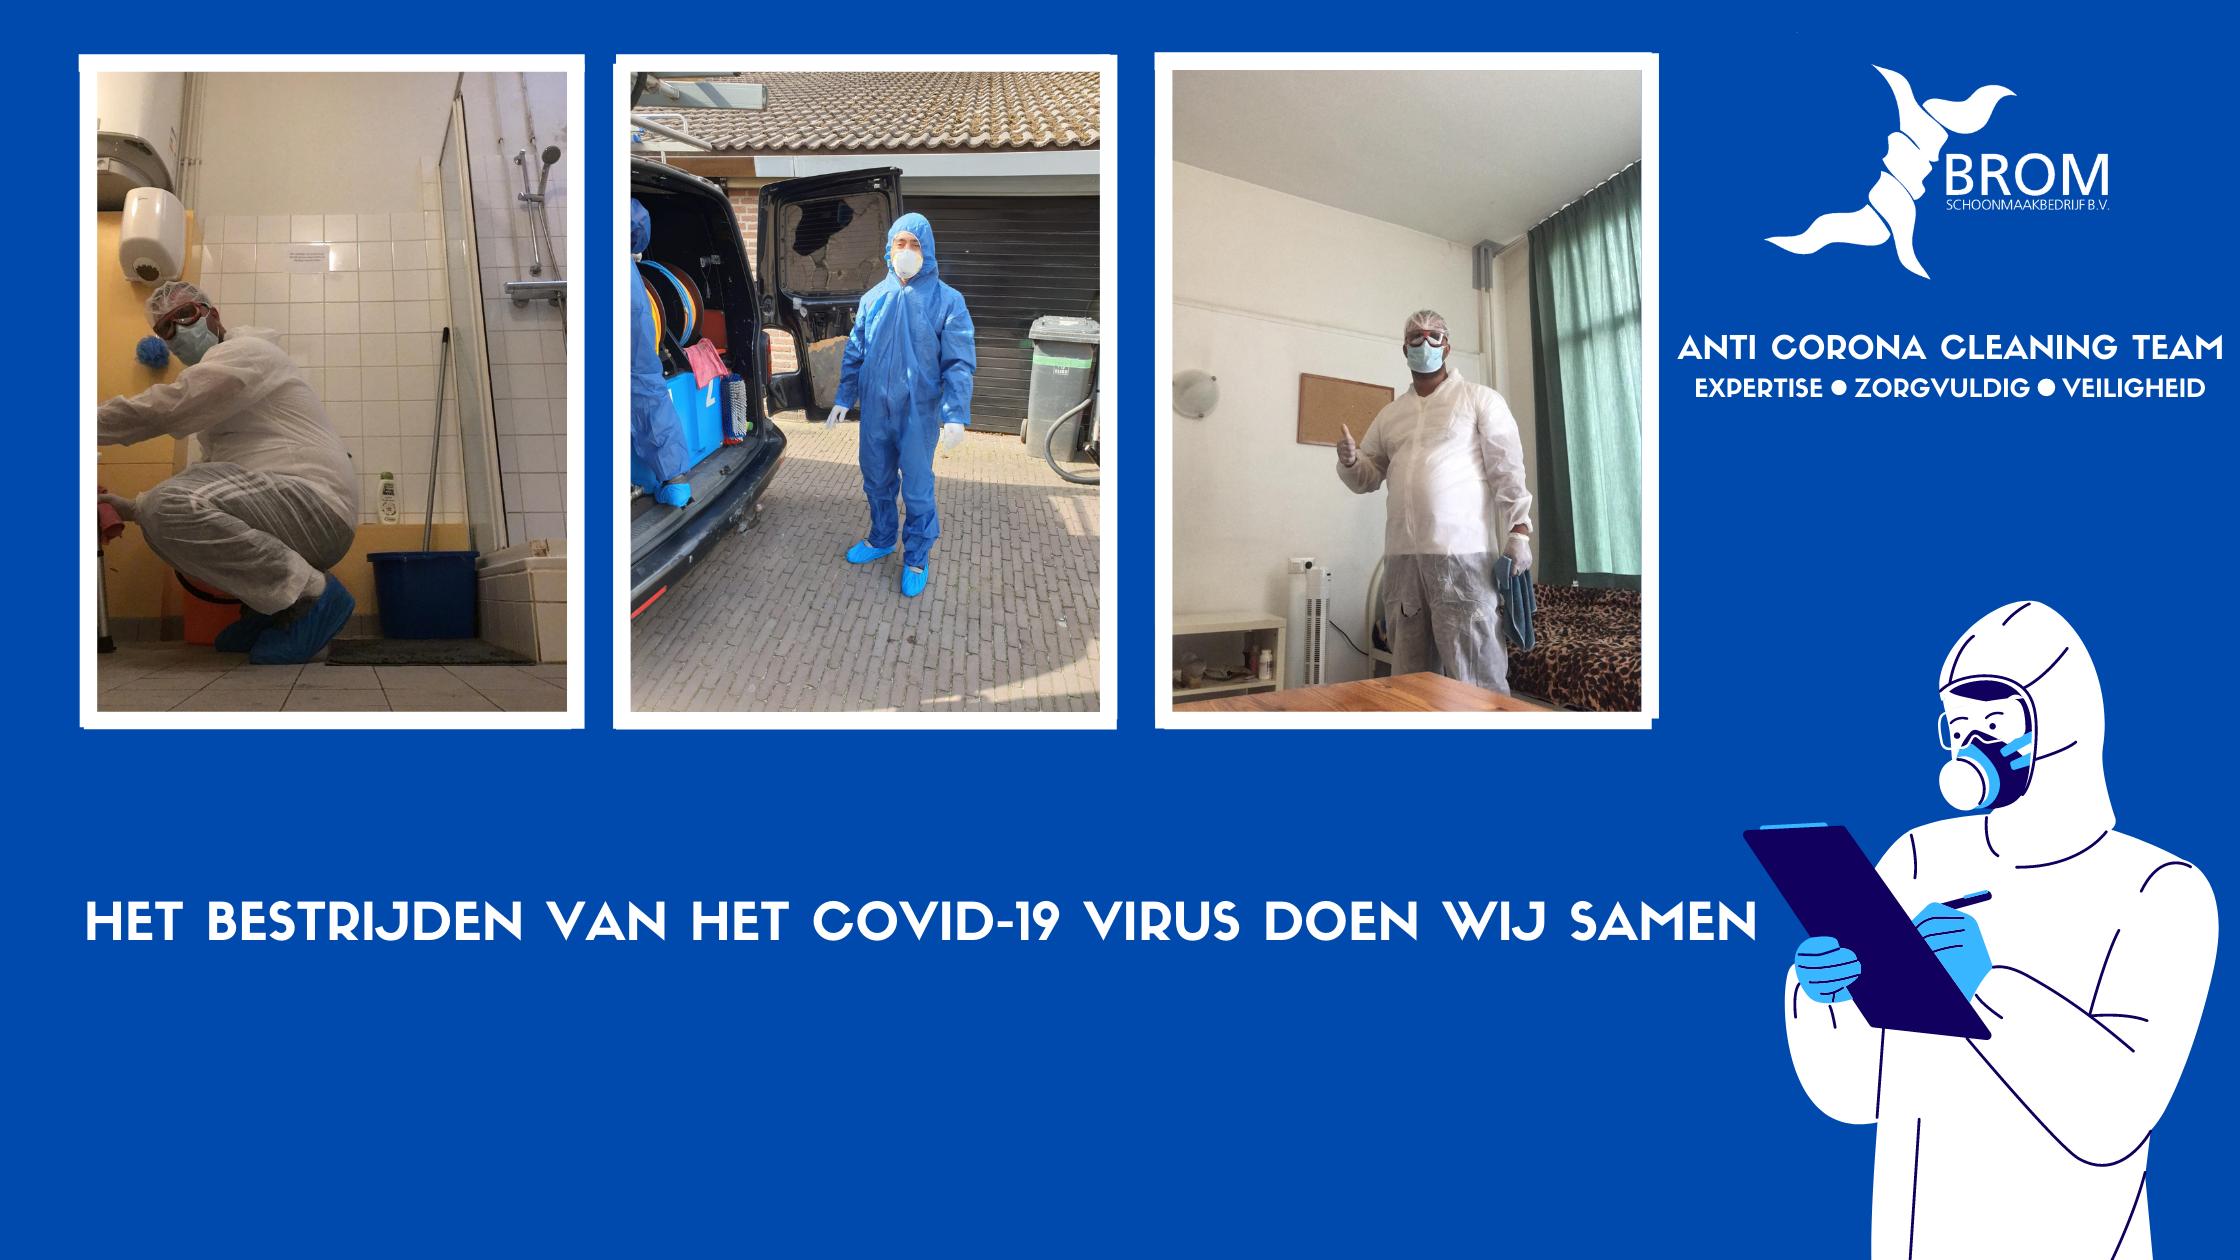 Coronavirus en Desinfectie Schoonmaak